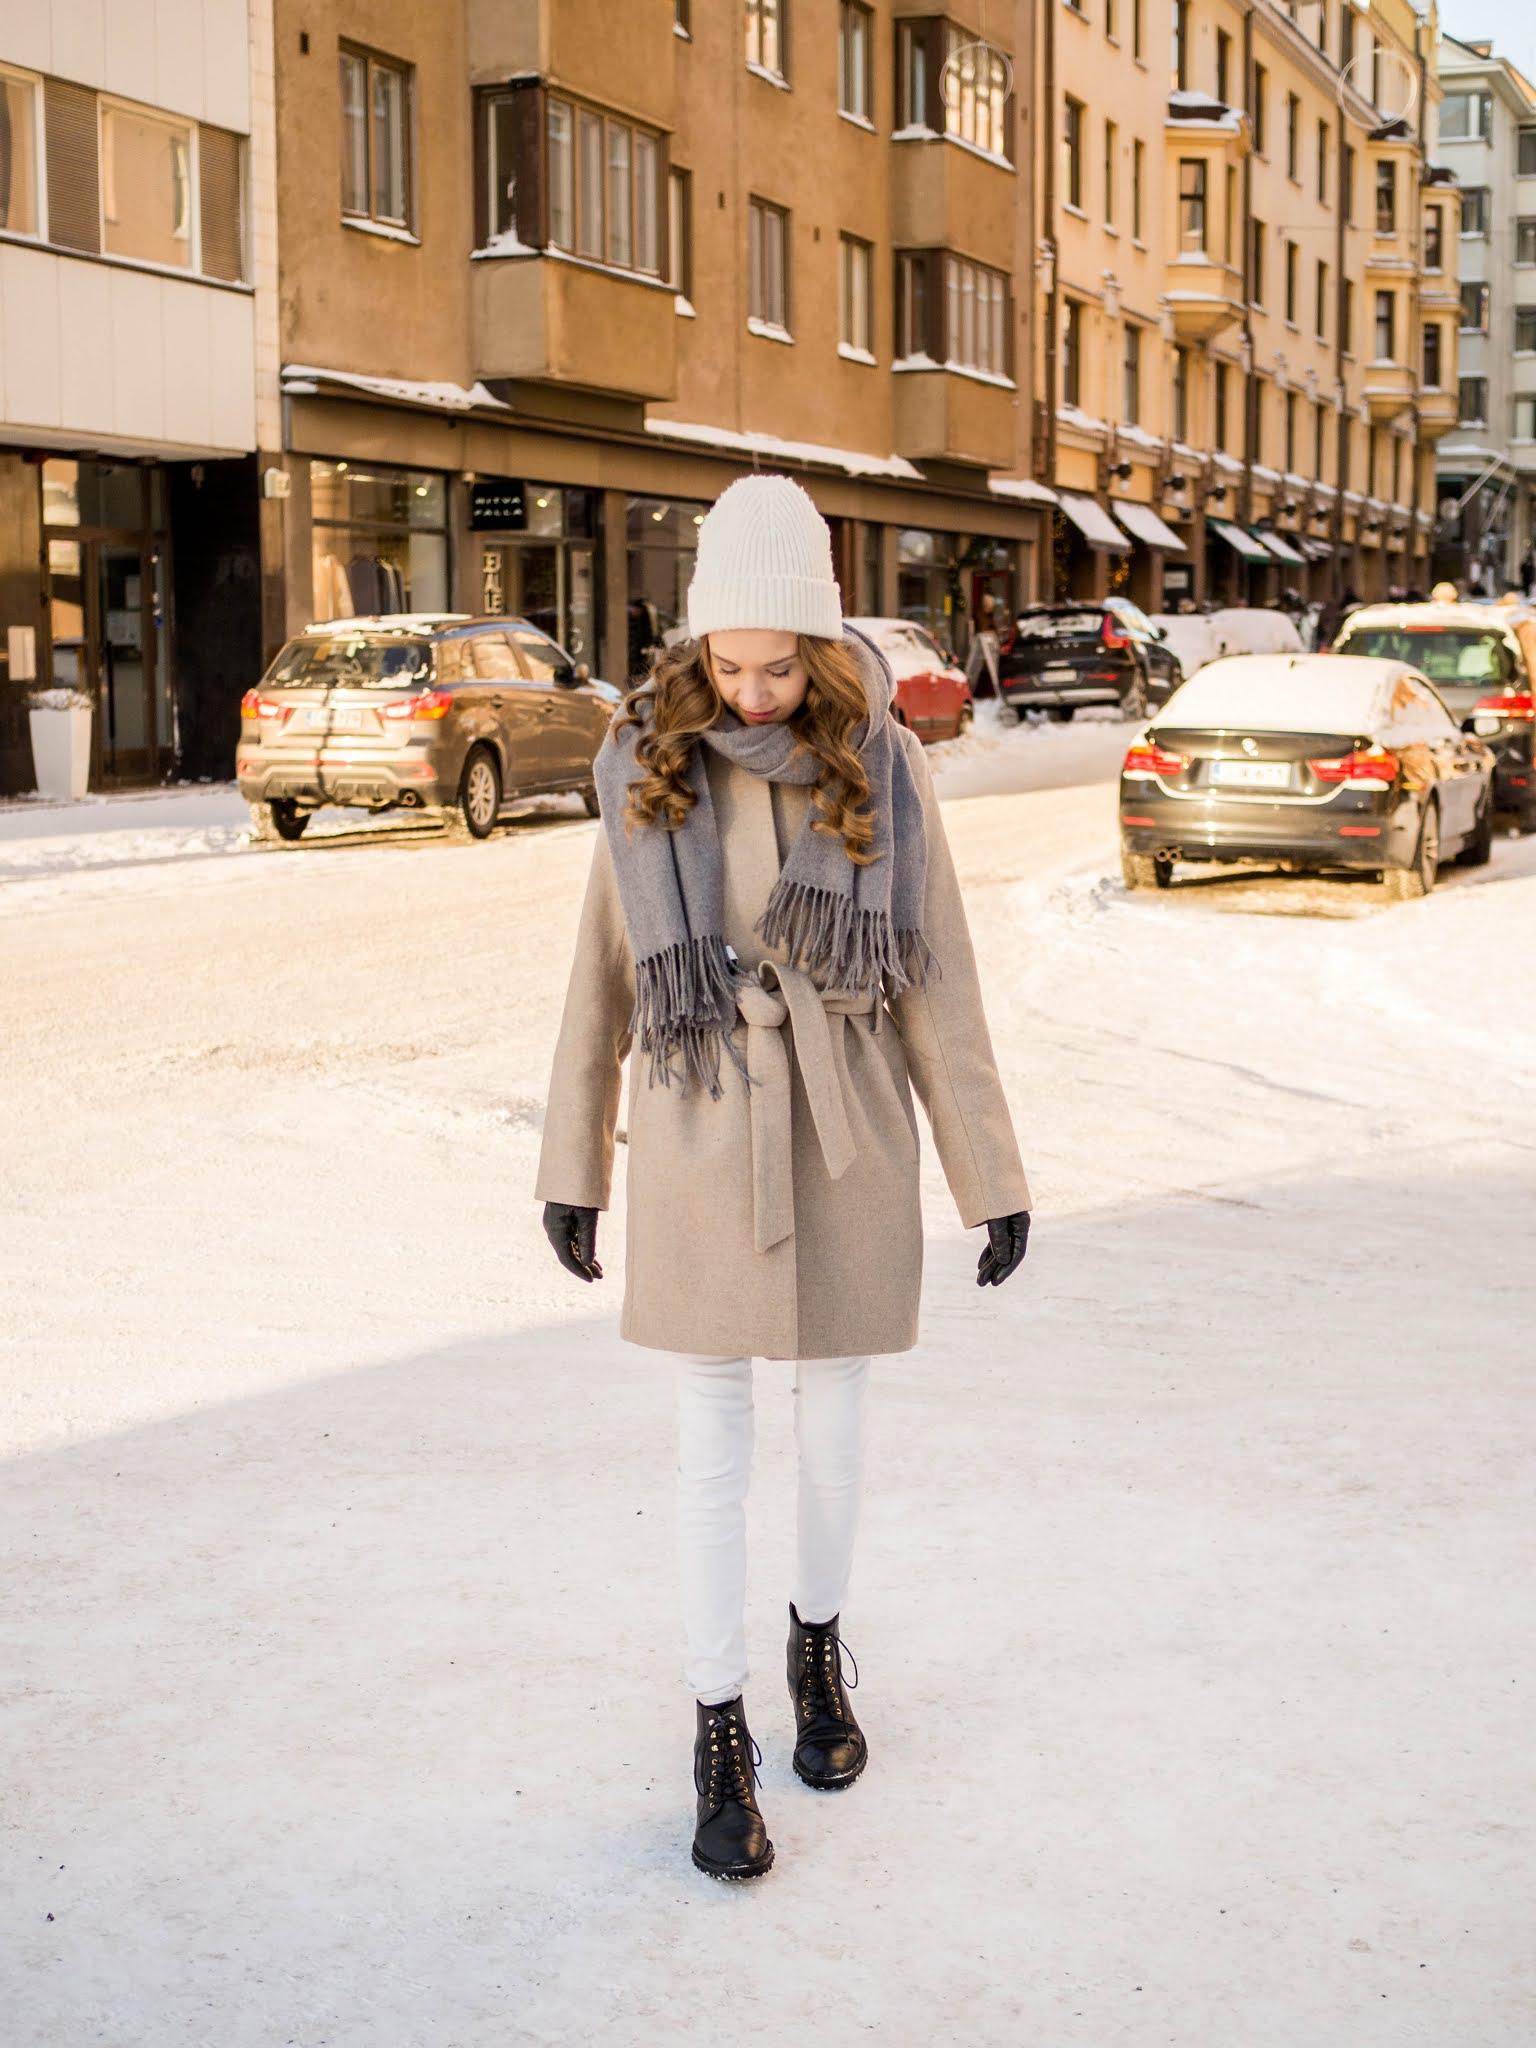 Vinkkejä talvipukeutumiseen // Tips for winter dressing